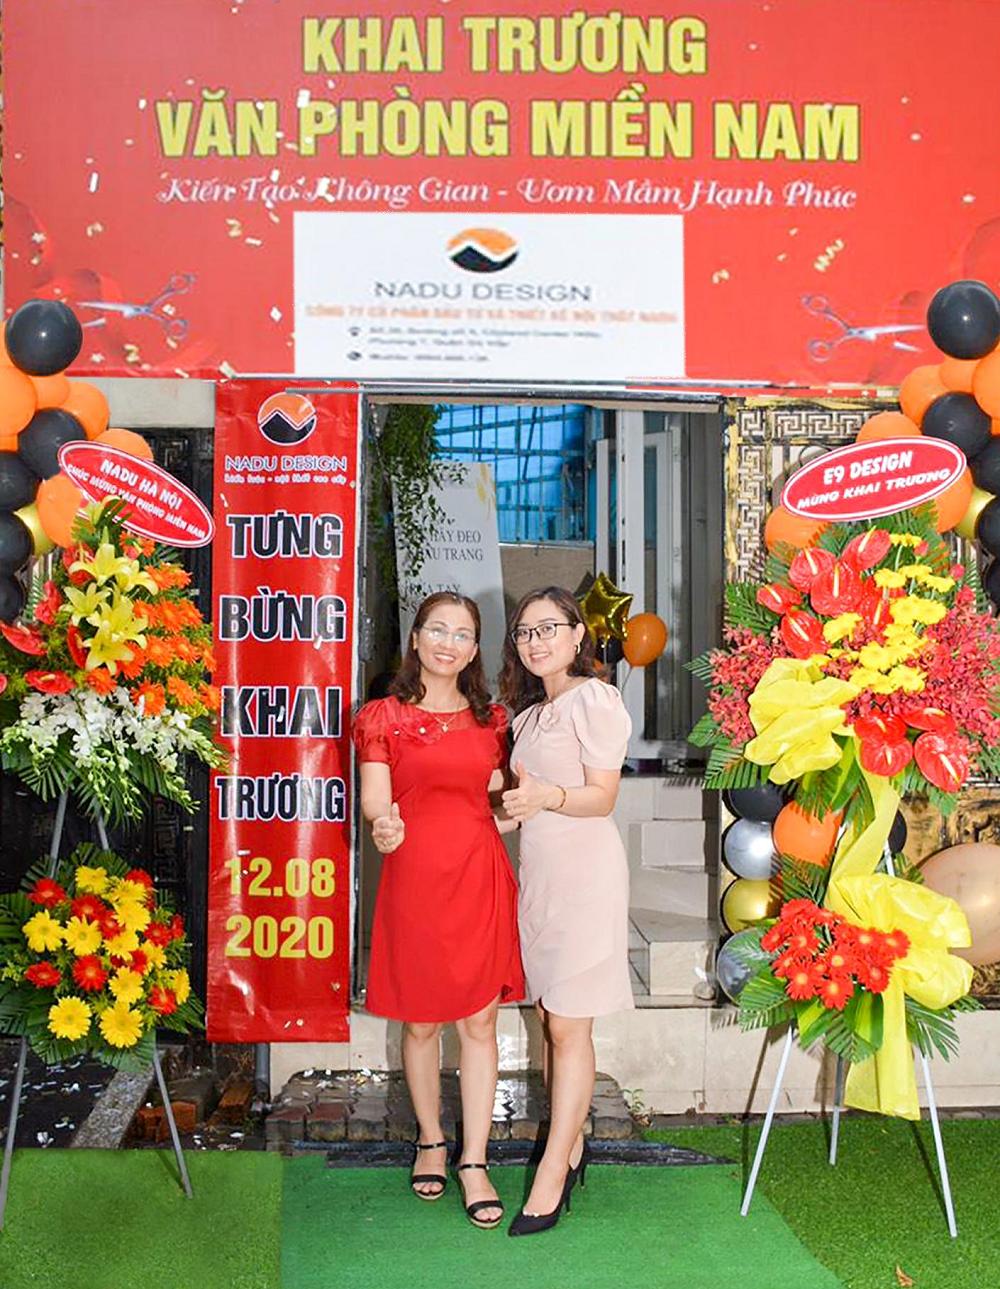 NaDu Design khai trương văn phòng chi nhánh Thành phố Hồ Chí Minh